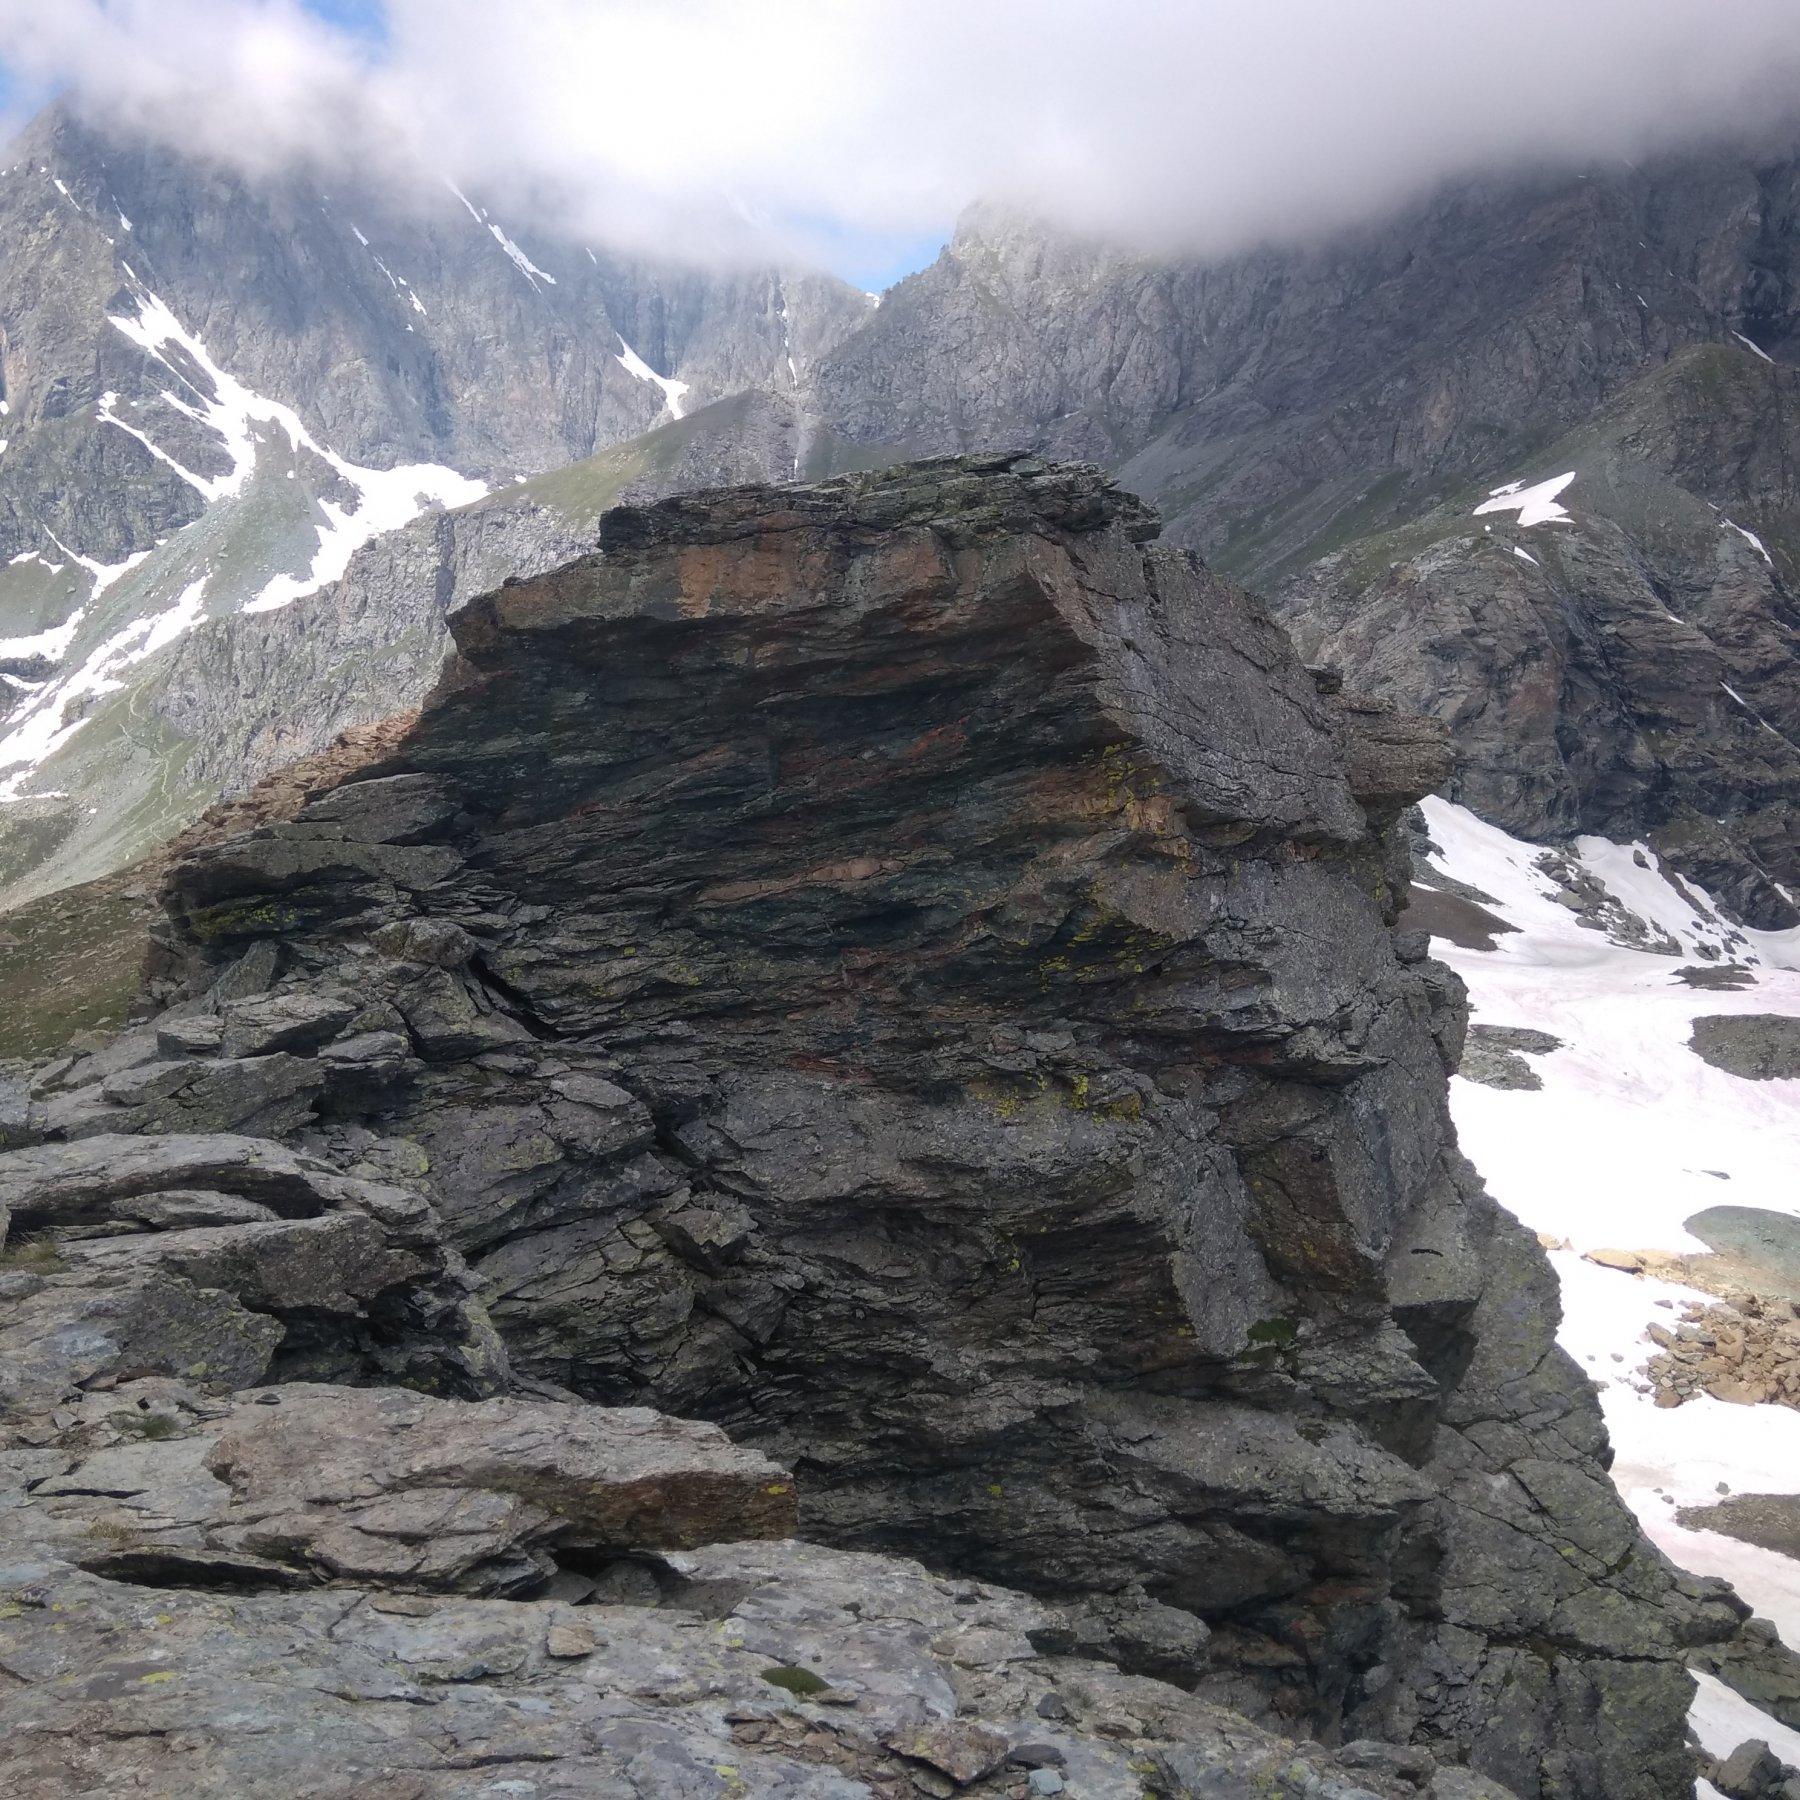 il Salto dell'antecima vista da un intaglio presso la vera cima o presunta